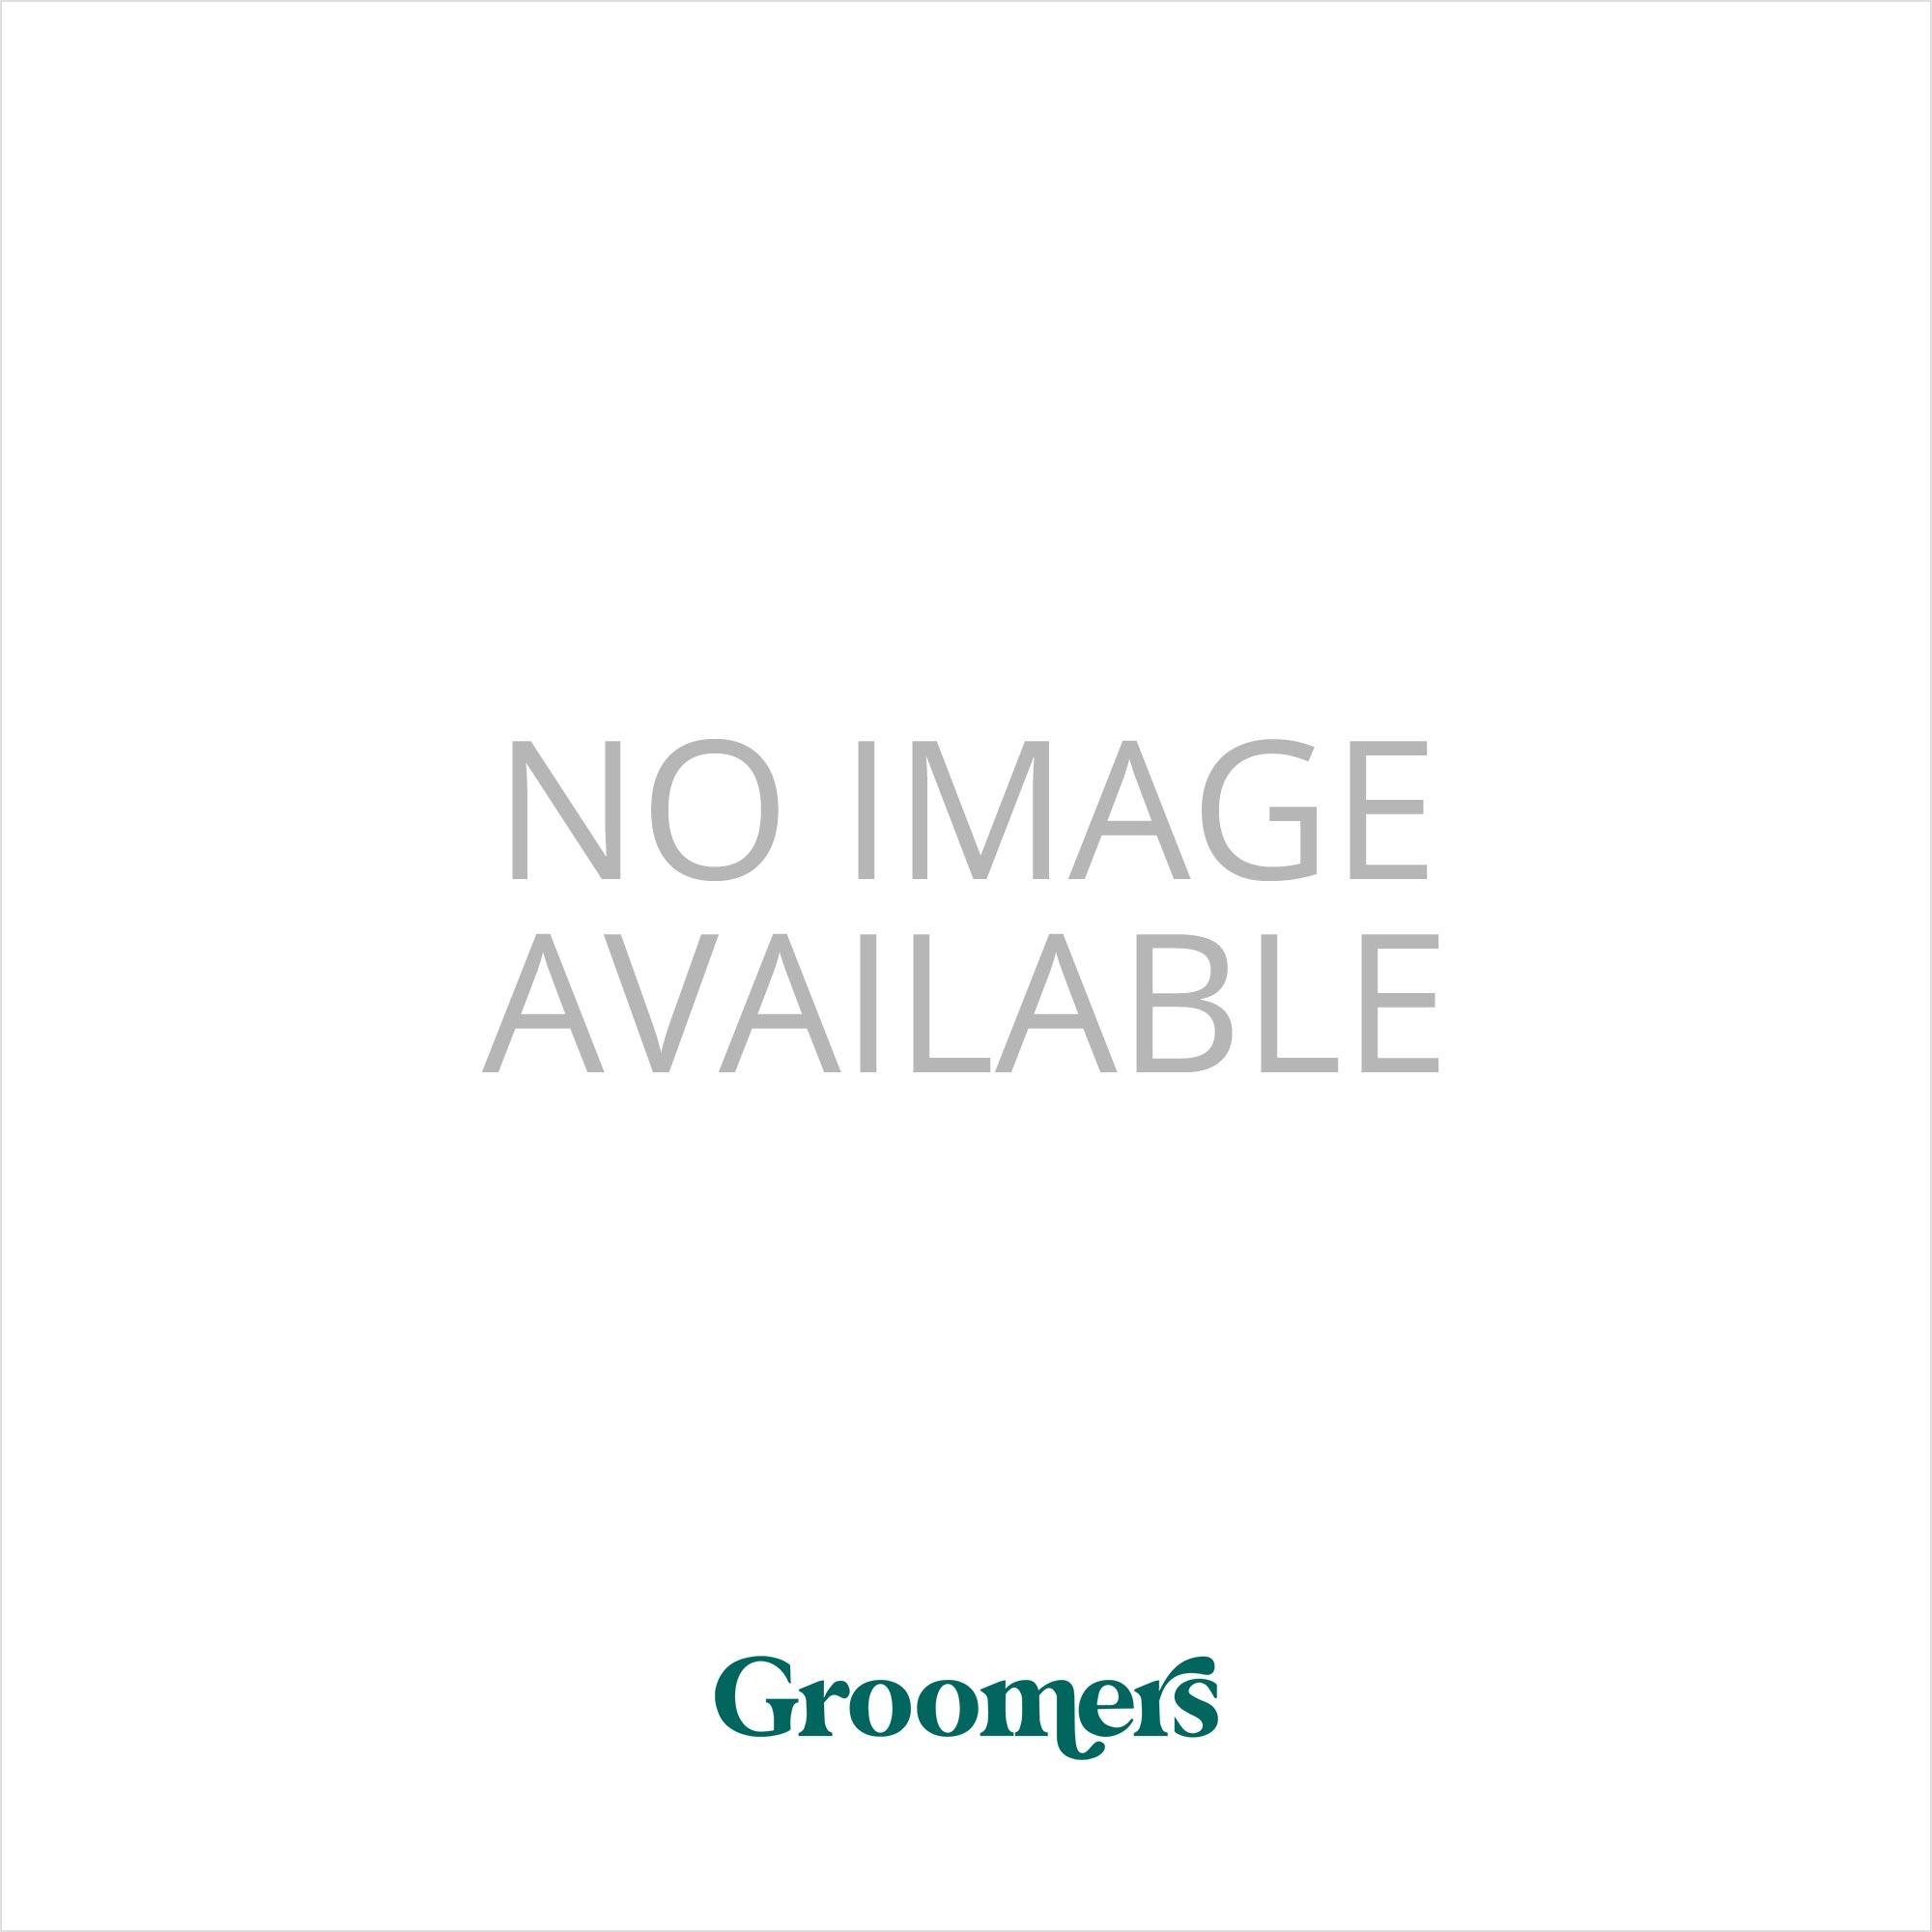 Groomers Fantasia Fragrance Spray - Retail Size (250ml)